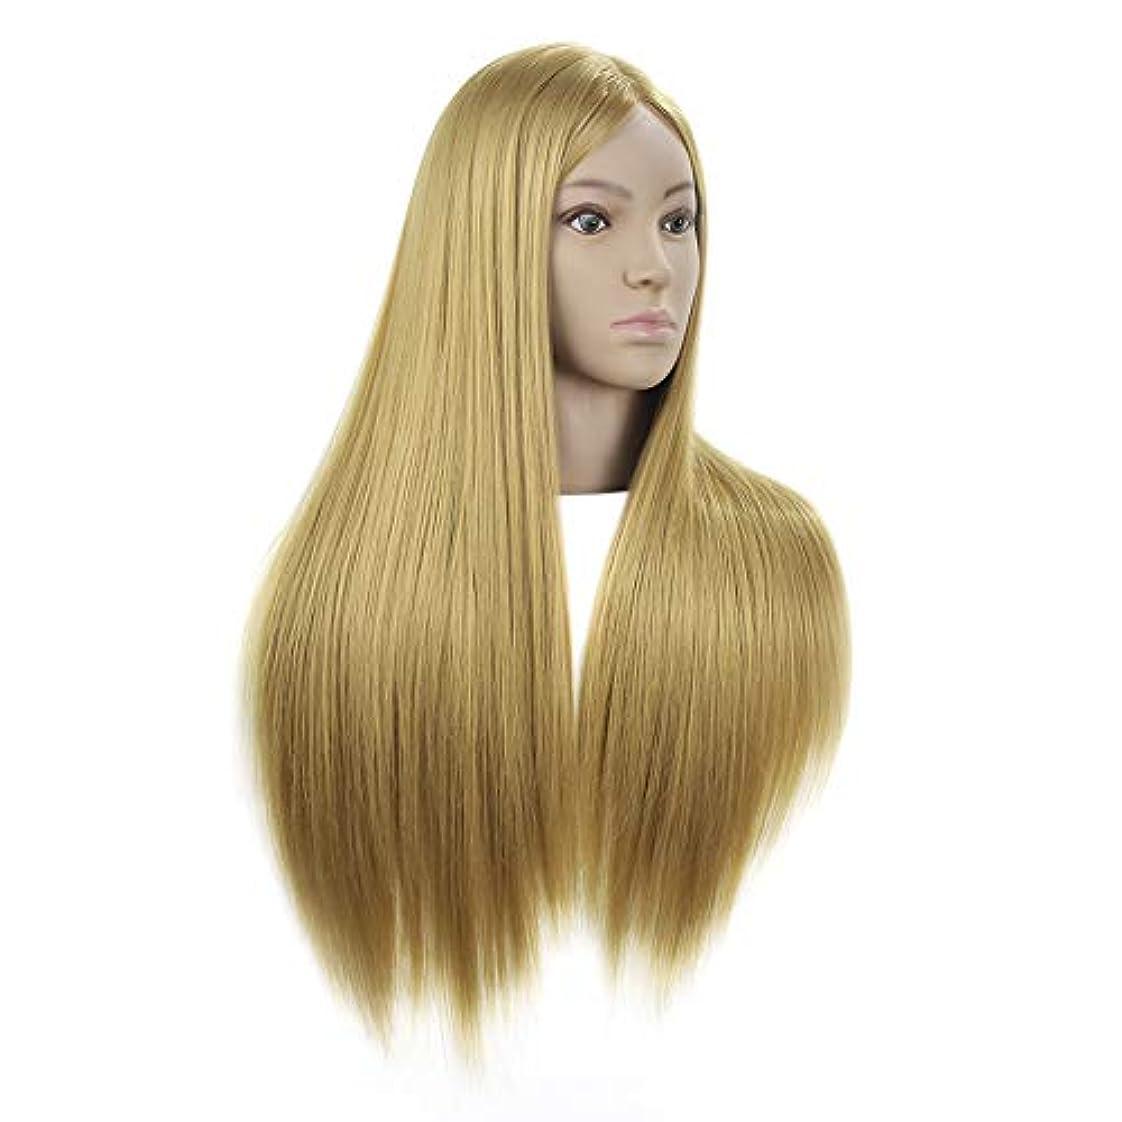 驚いた常習者複雑リアルヘアスタイリングマネキンヘッド女性ヘッドモデル教育ヘッド理髪店編組ヘア染色学習ダミーヘッド